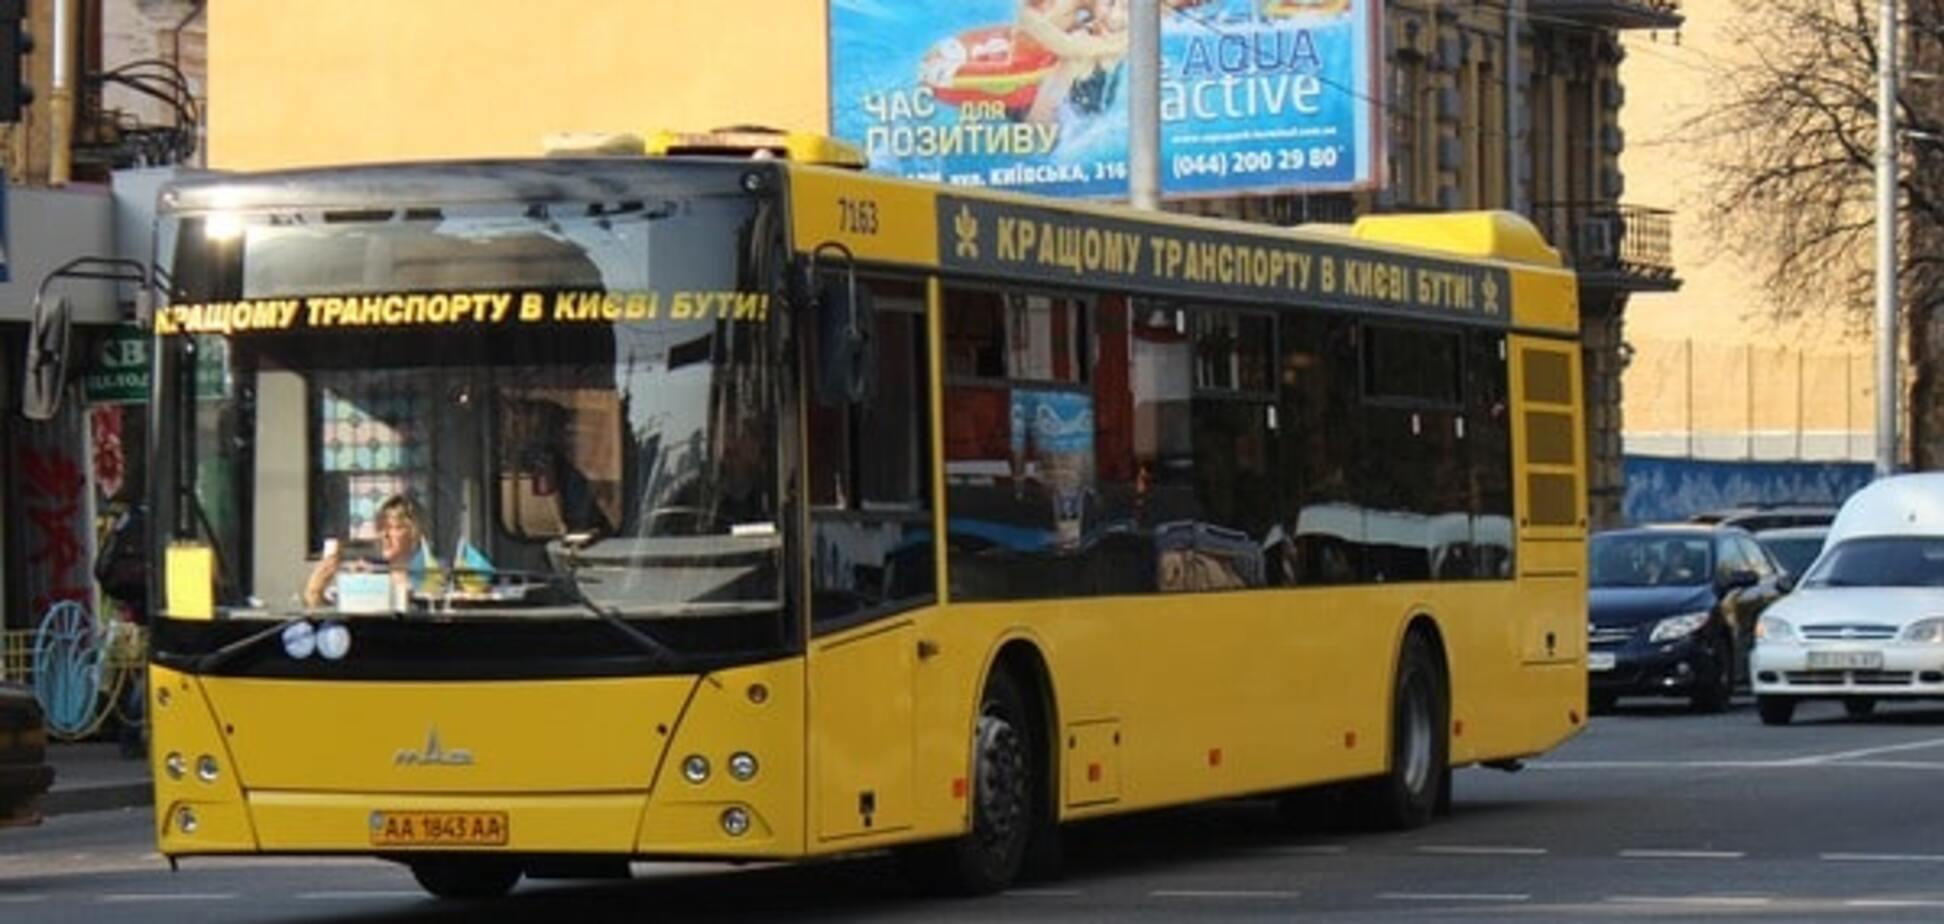 Київський нічний транспорт: за проїзд заплатимо від 6 до 15 гривень